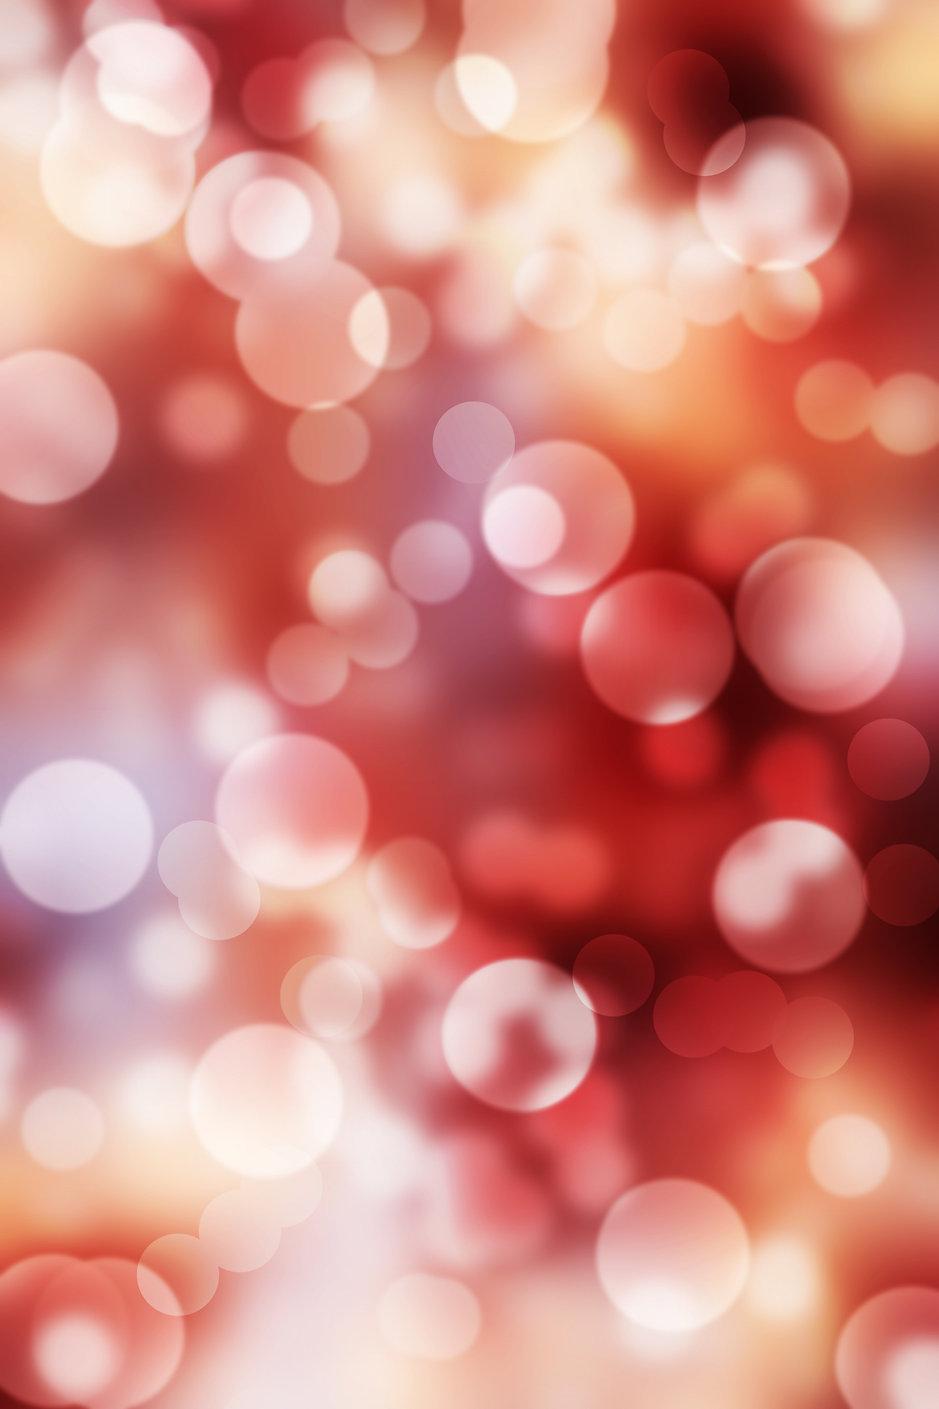 abstract-art-blur-bokeh-301673.jpg